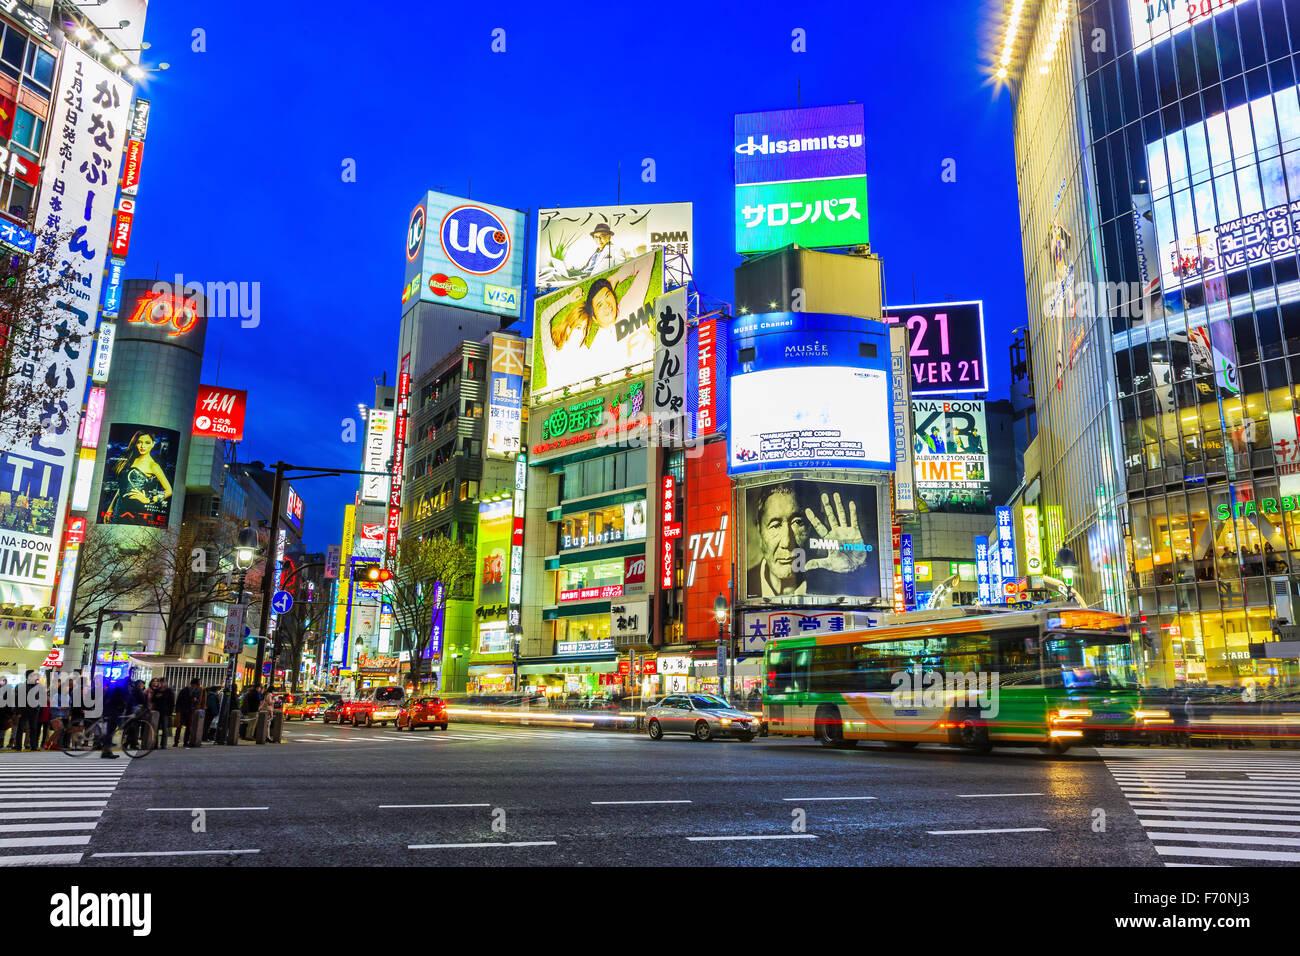 Tokyo, Shibuya. Le 30 janvier 2015. Le quartier de Shibuya à Tokyo. Shibuya est le quartier populaire de Tokyo, Photo Stock